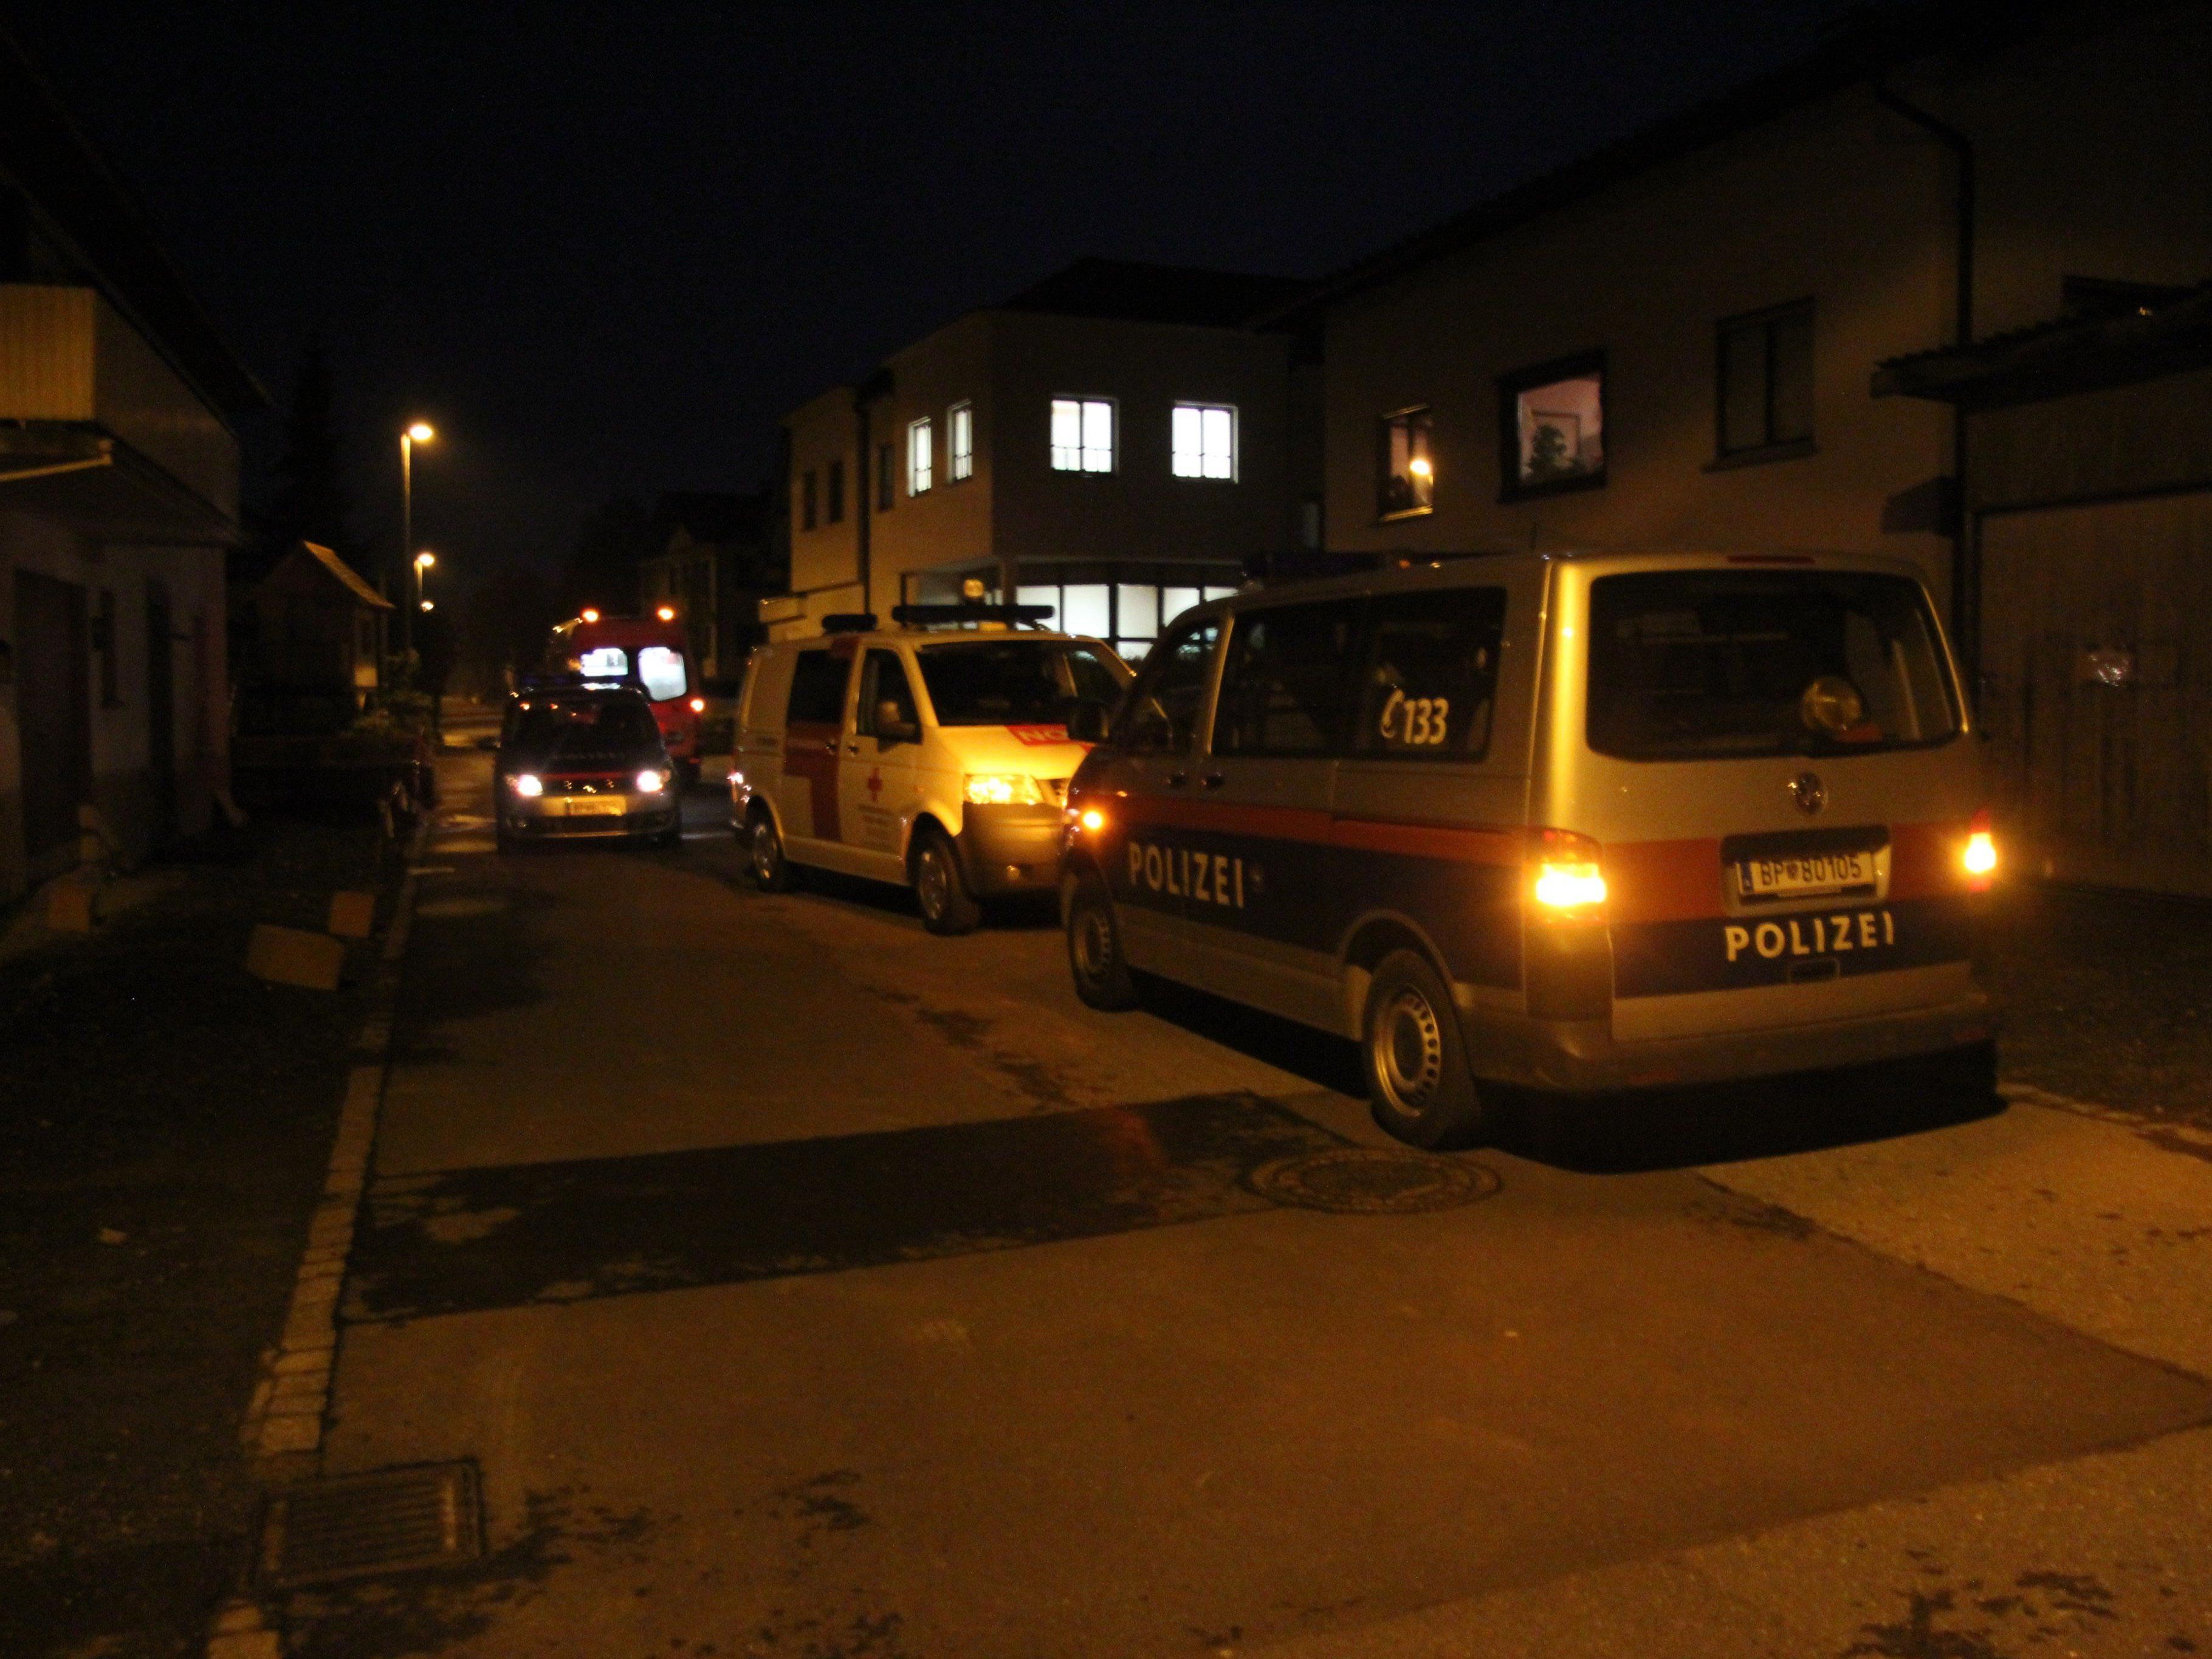 Ein GRoßaufgebot der Polizei rückte an um nach den vermeintlichen Tätern zu suchen.